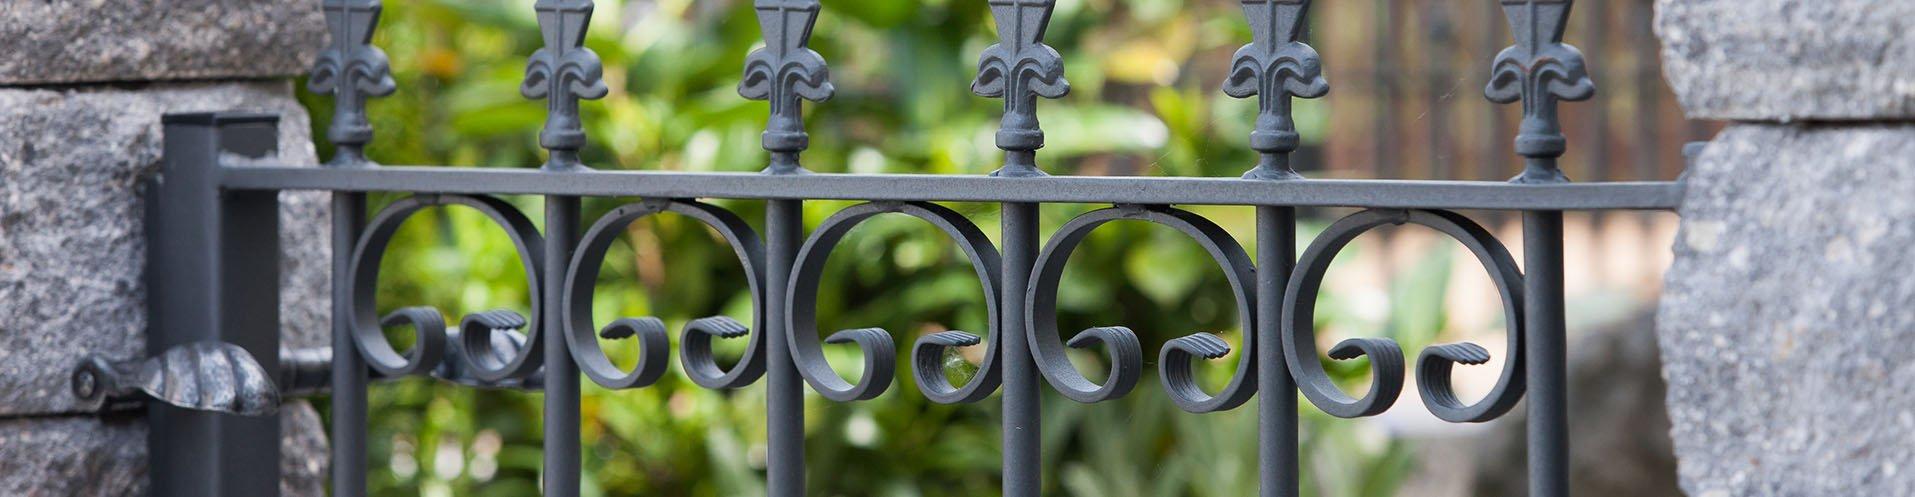 Gartentore Preise